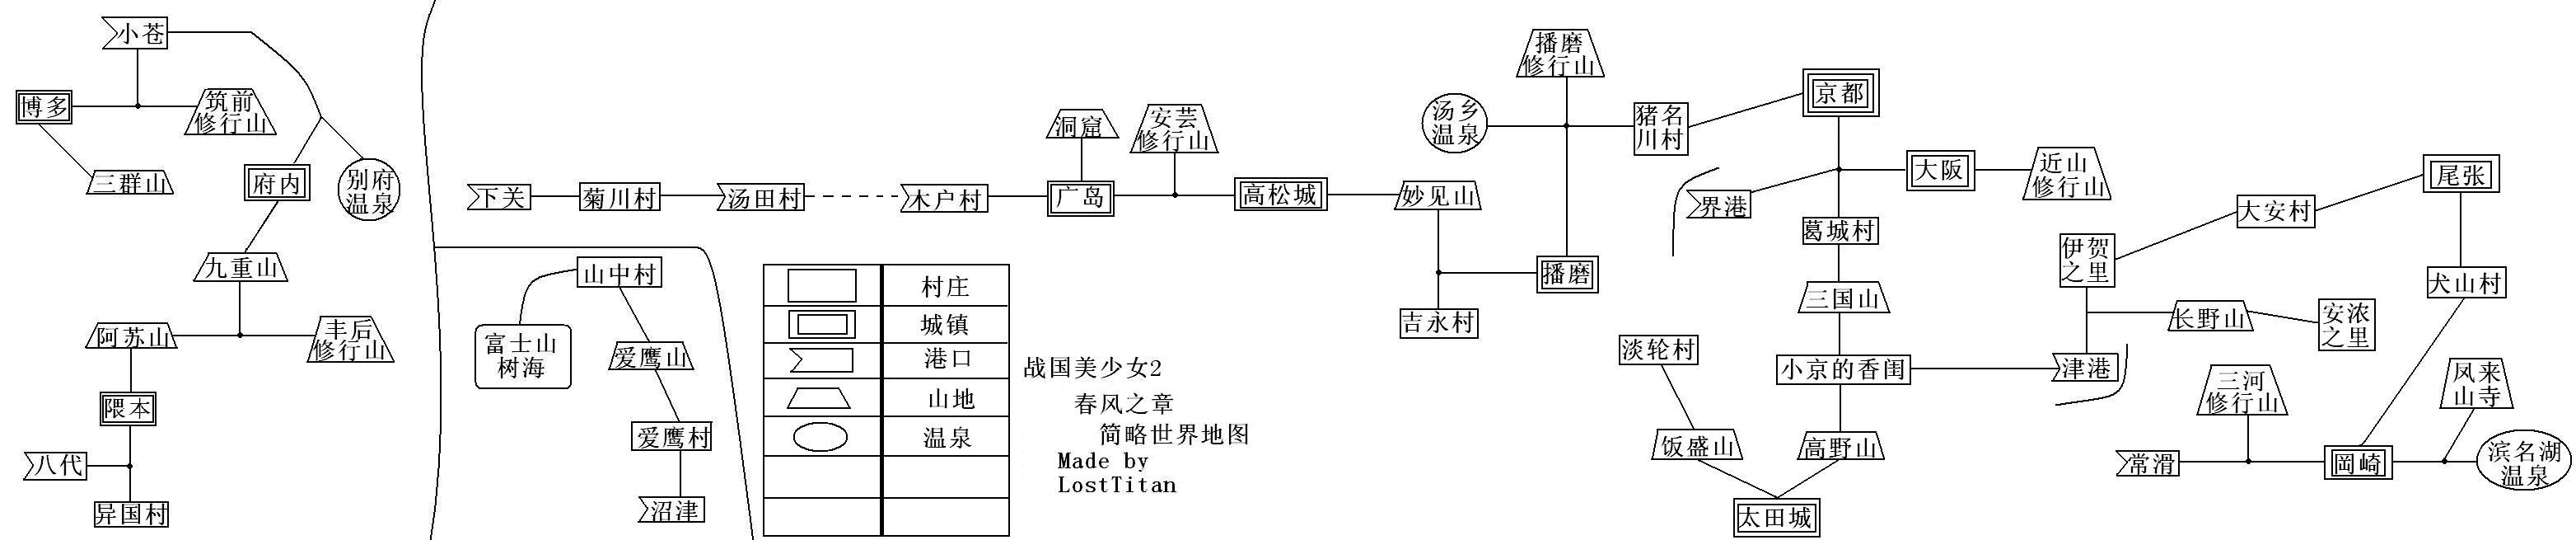 陈水饼              12-16         3 战国美少女2 简易世界地图